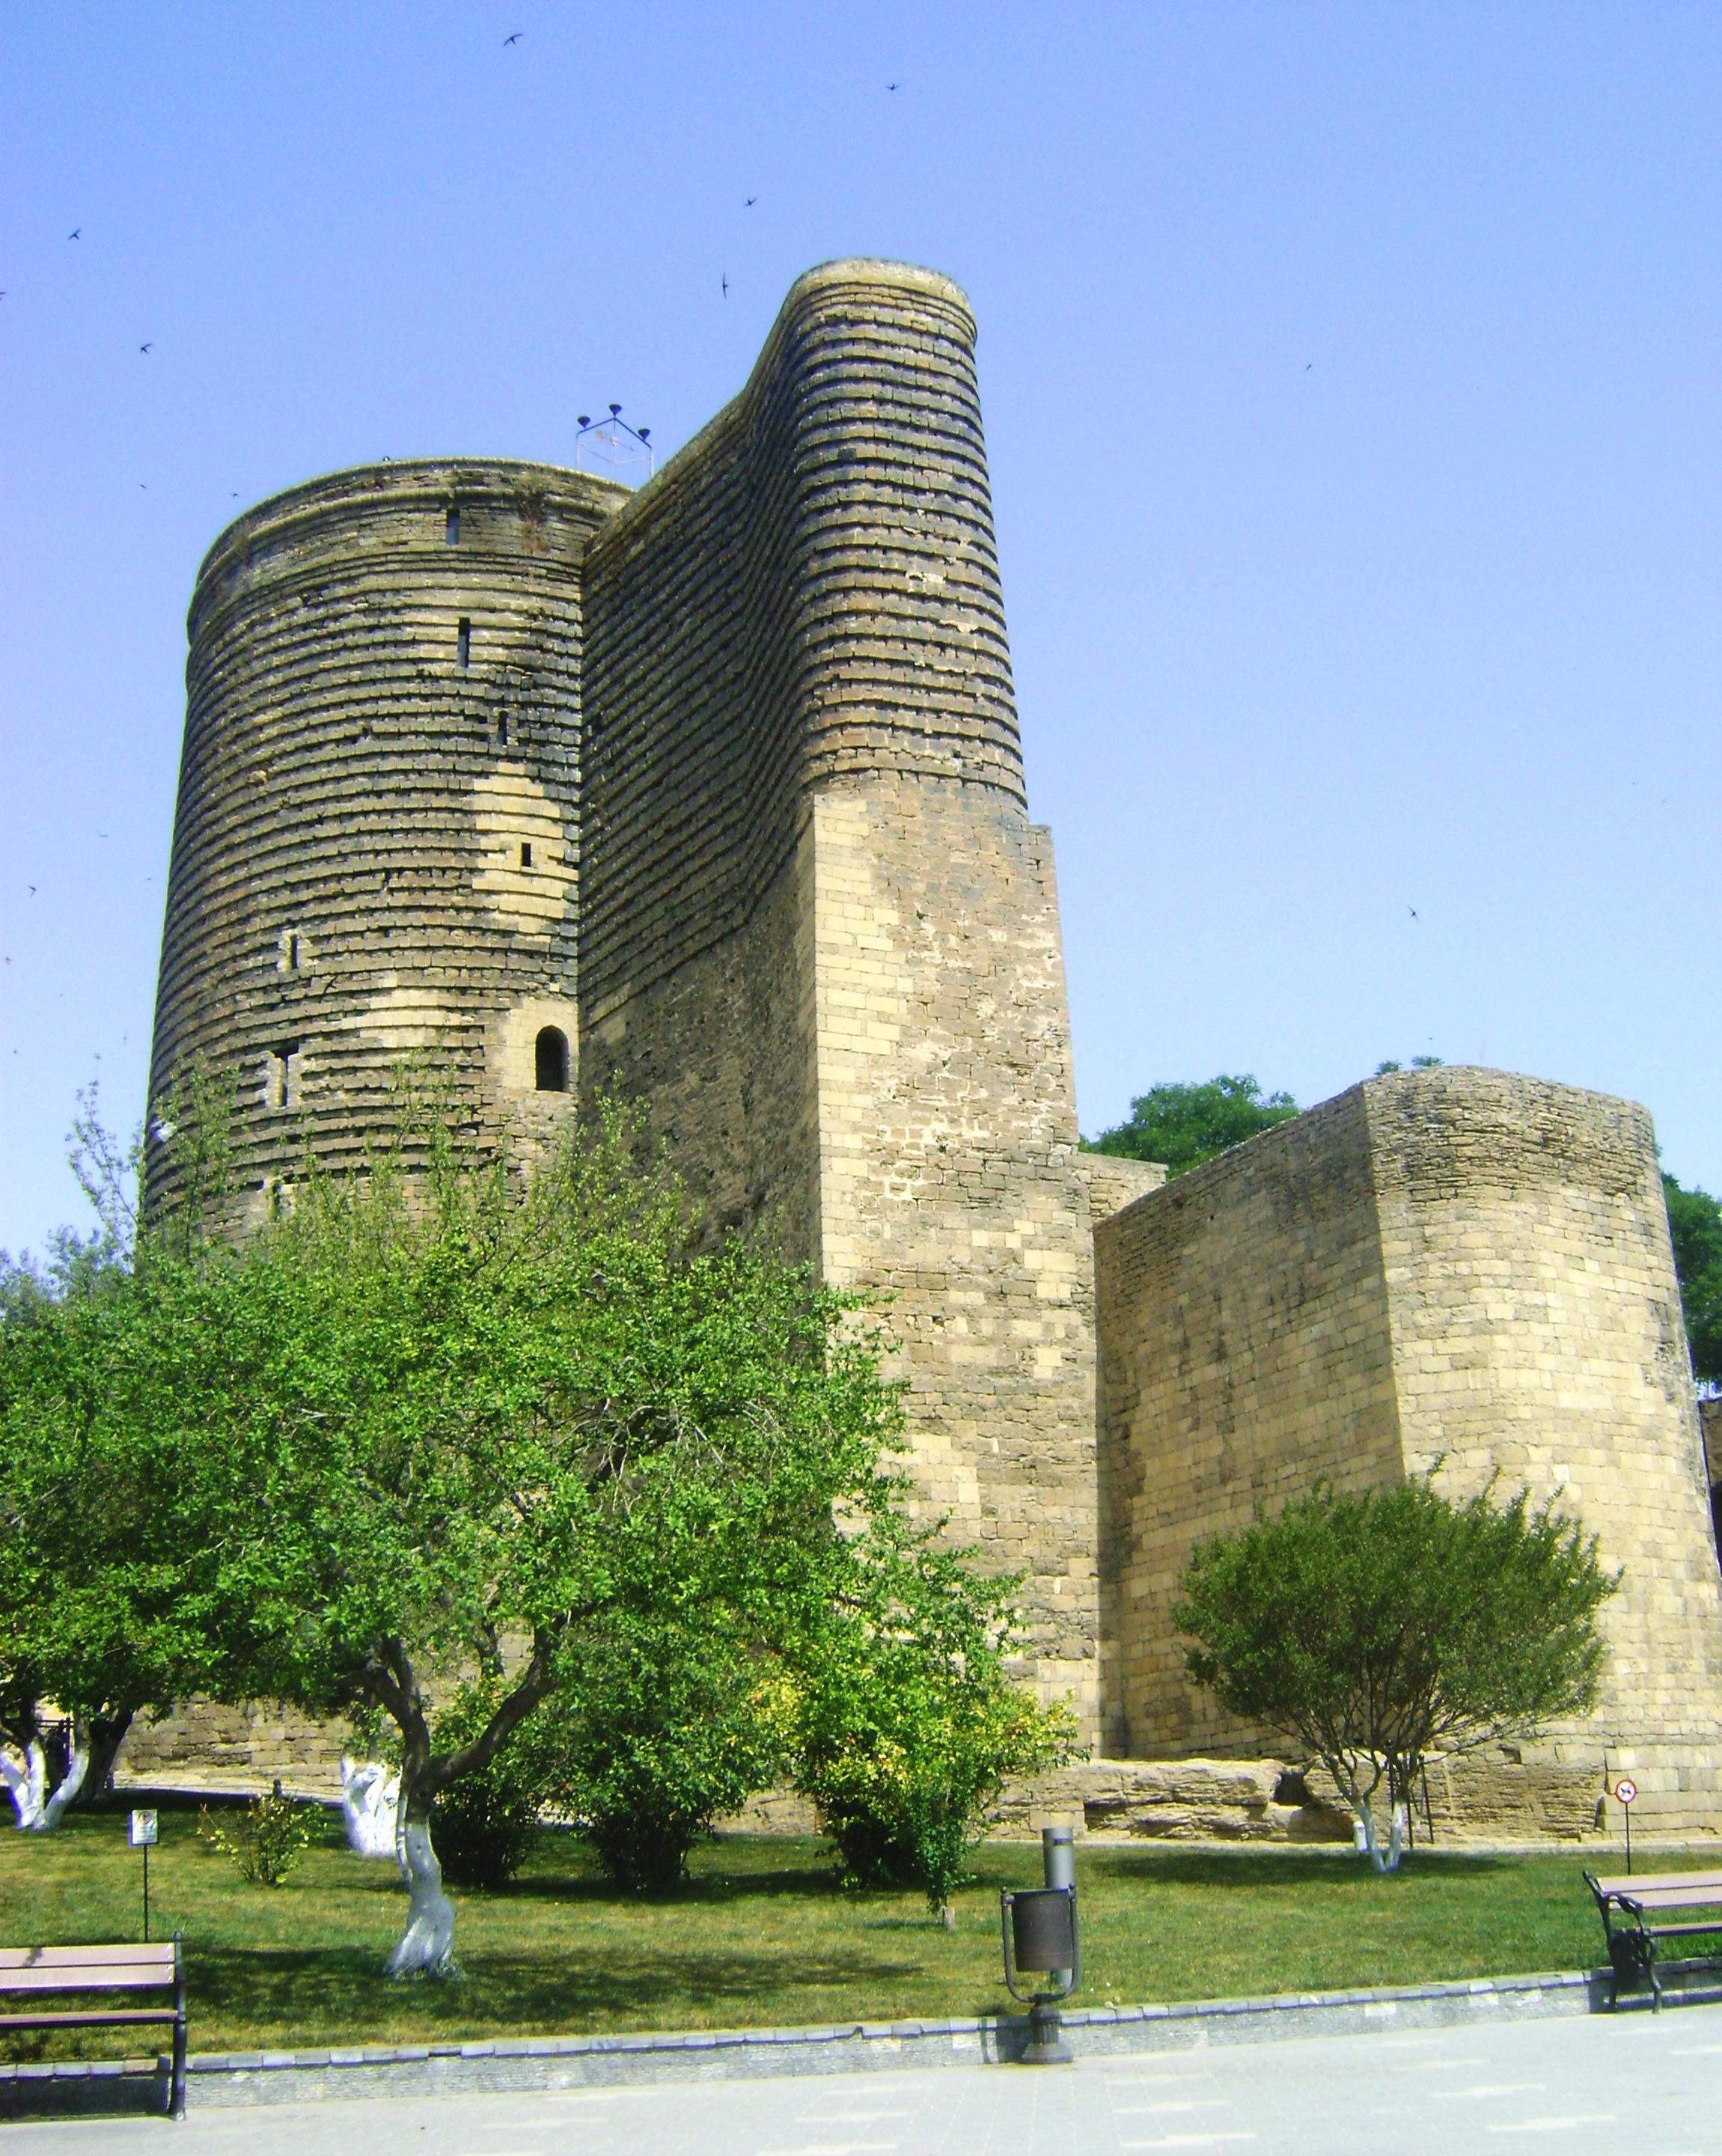 File:Maidens tower baku.jpg - Wikimedia Commons